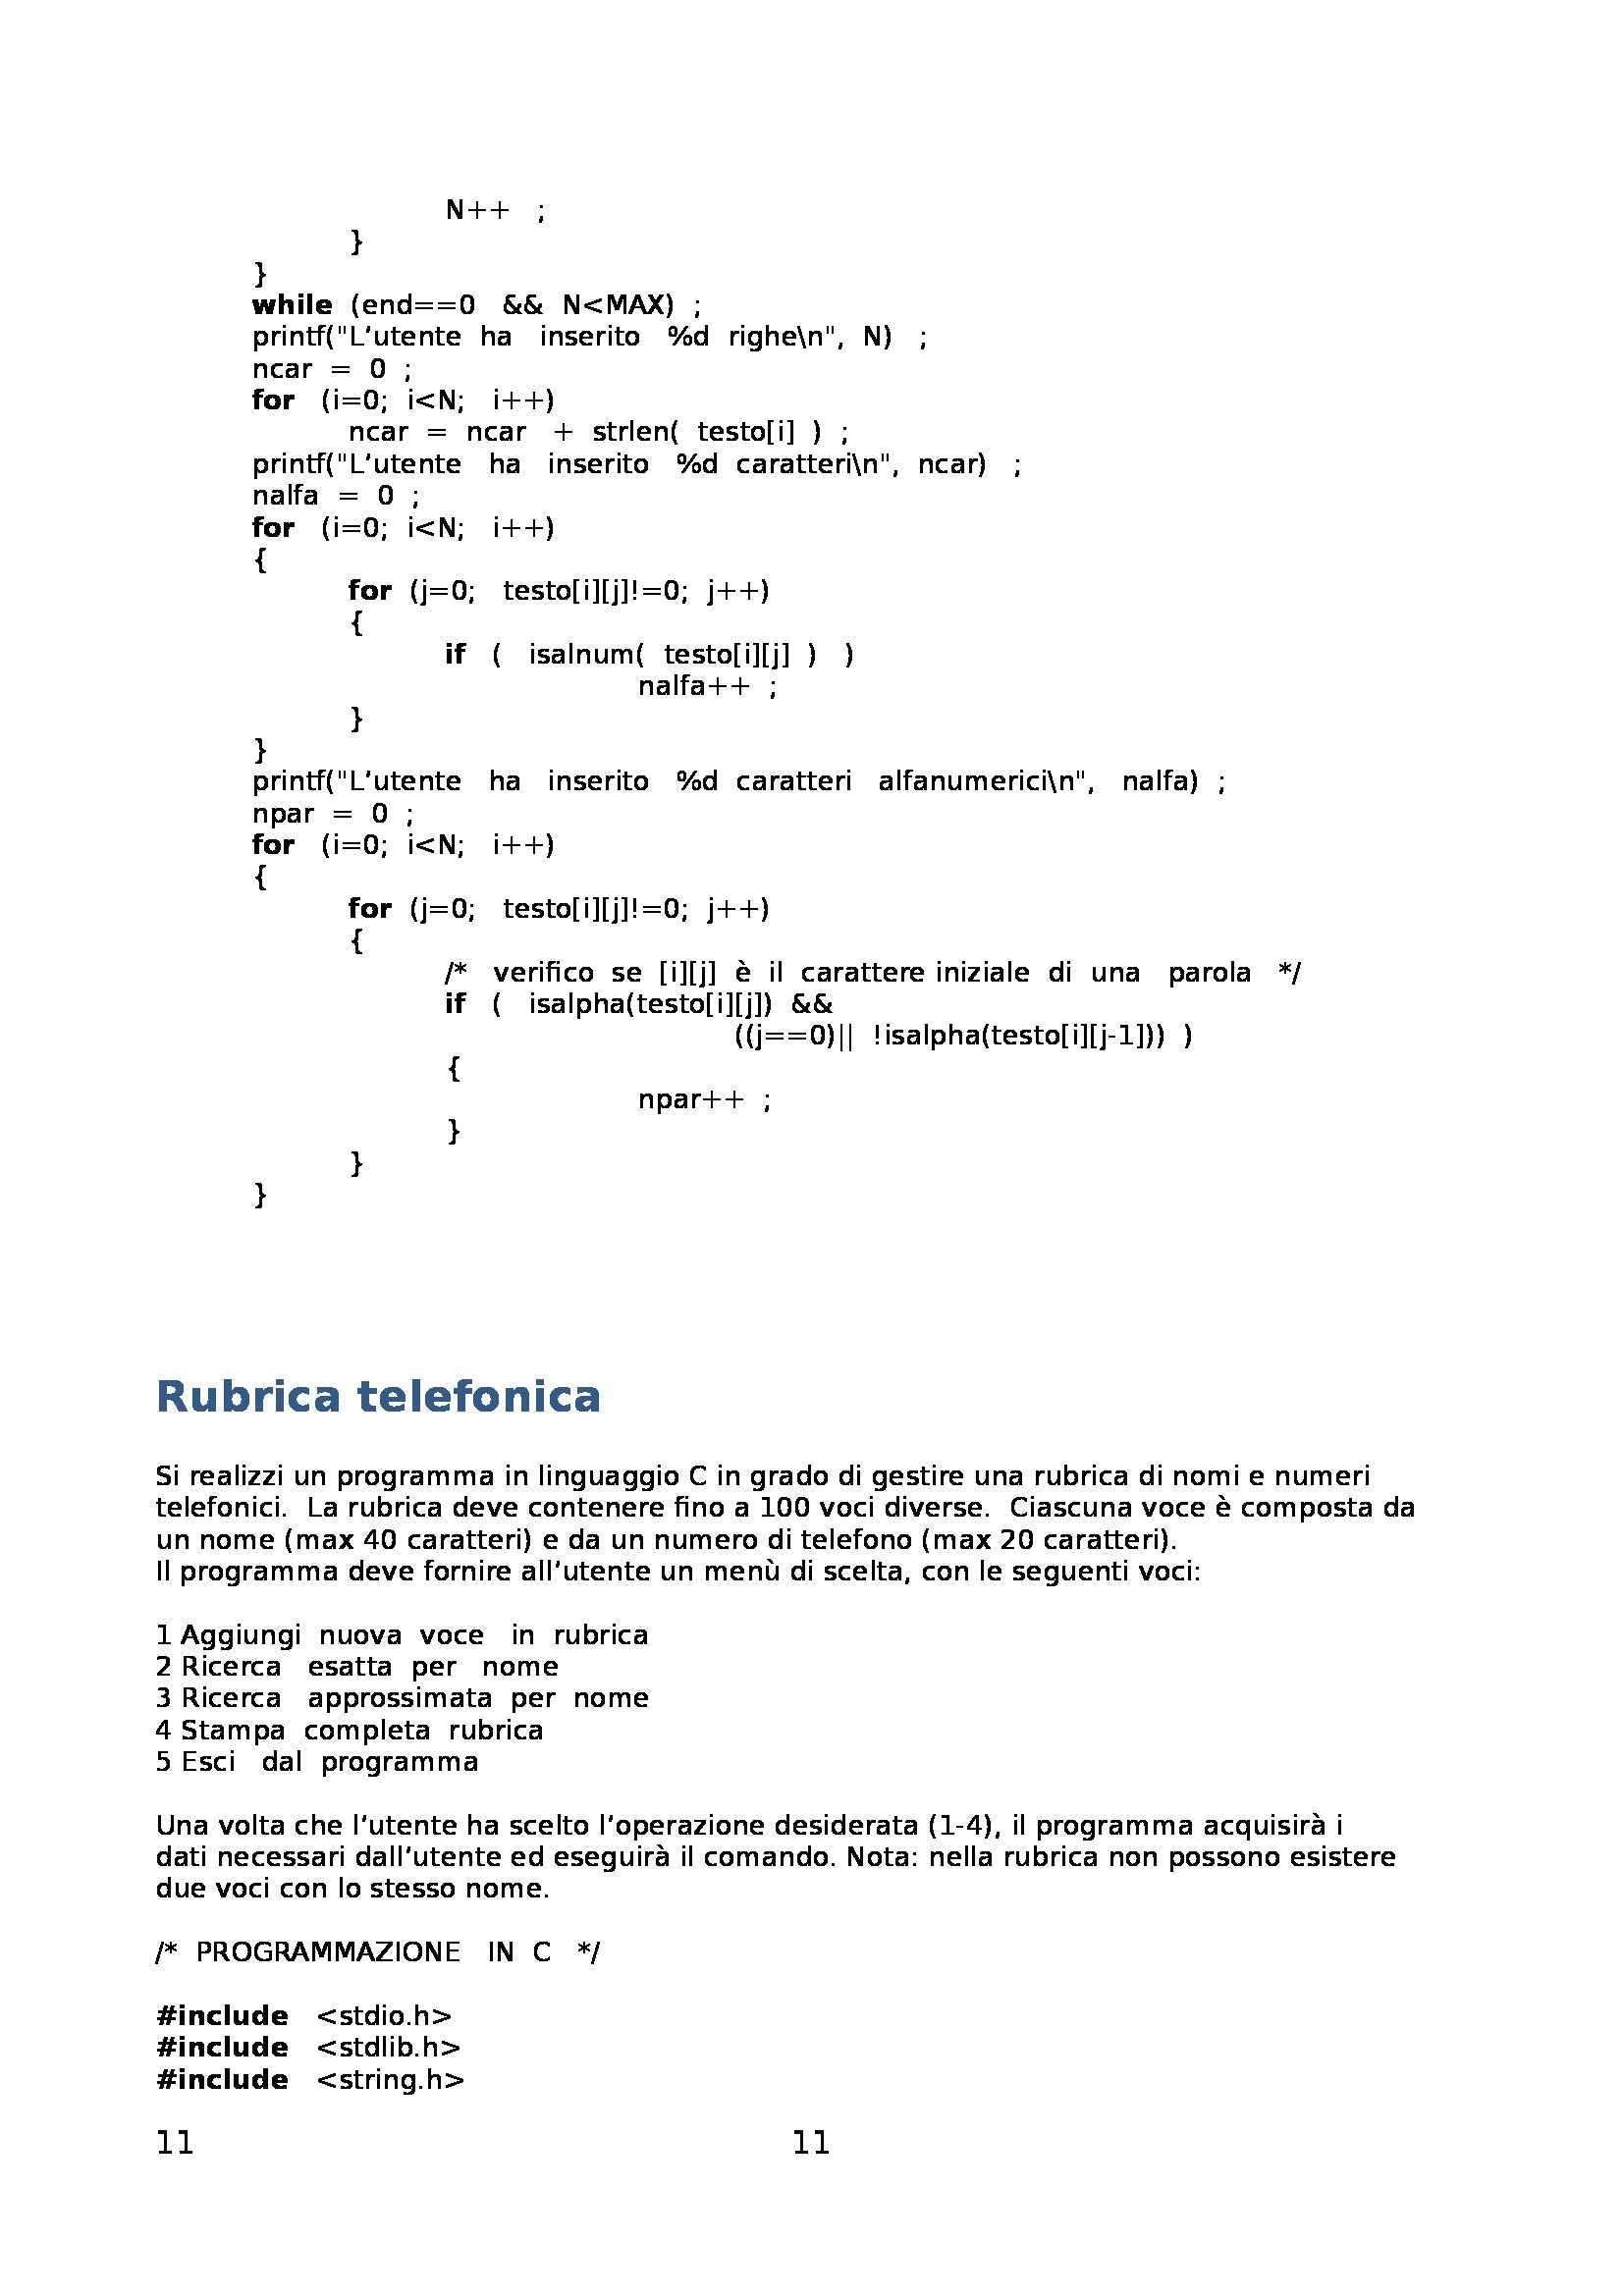 Fondamenti di informatica - Raccolta di esercizi svolti e commentati sul linguaggio di programmazione C Pag. 11